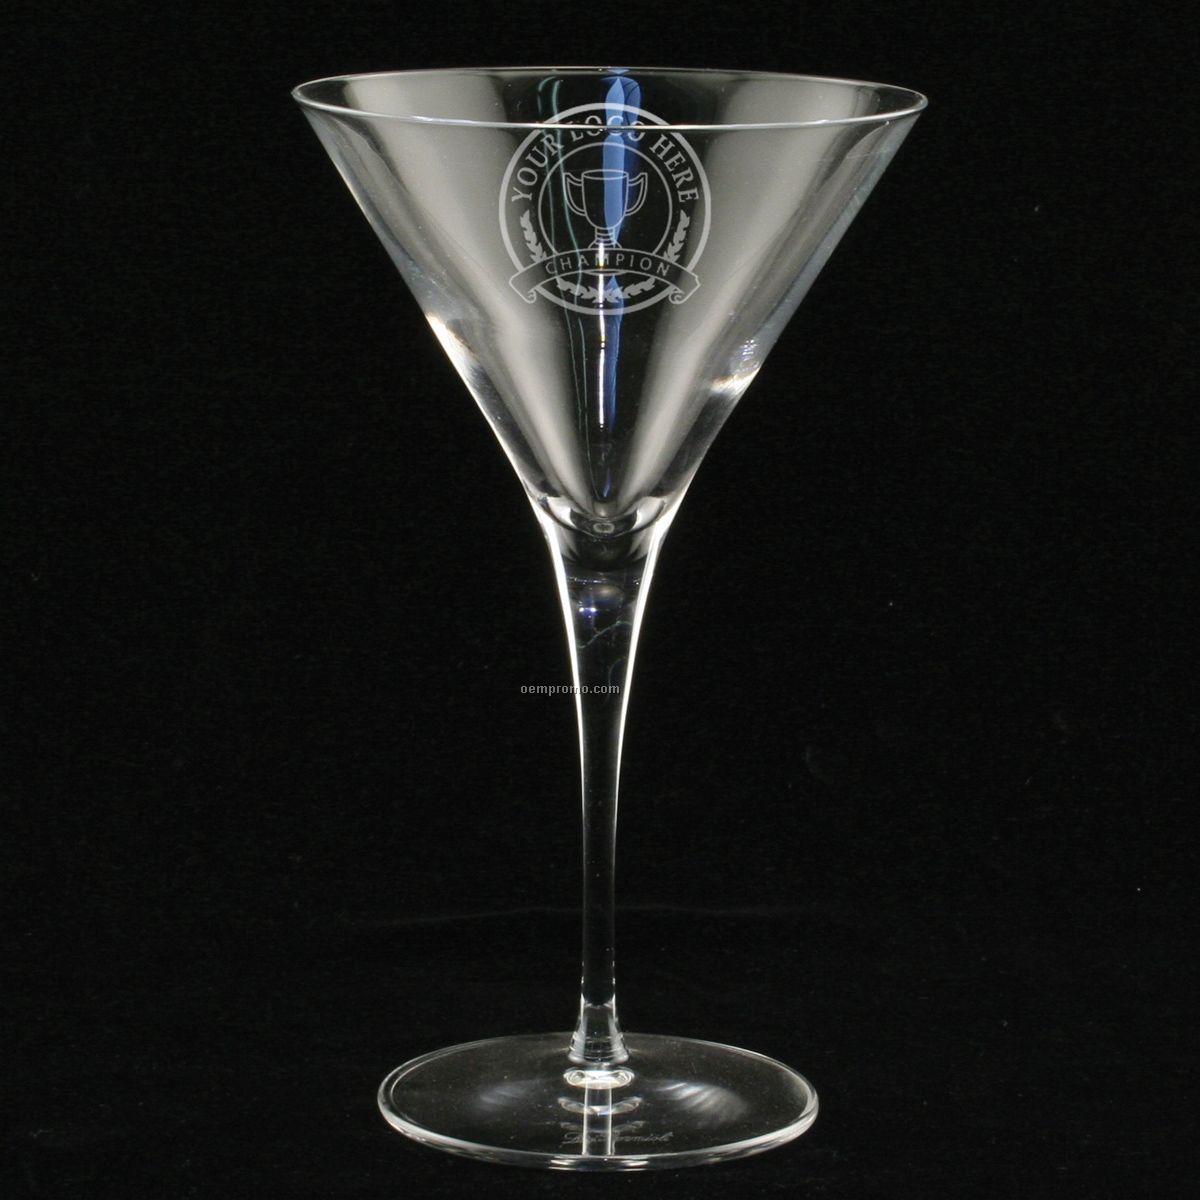 10 Oz. Estate Martini Glass (Set Of 2 - Deep Etch)